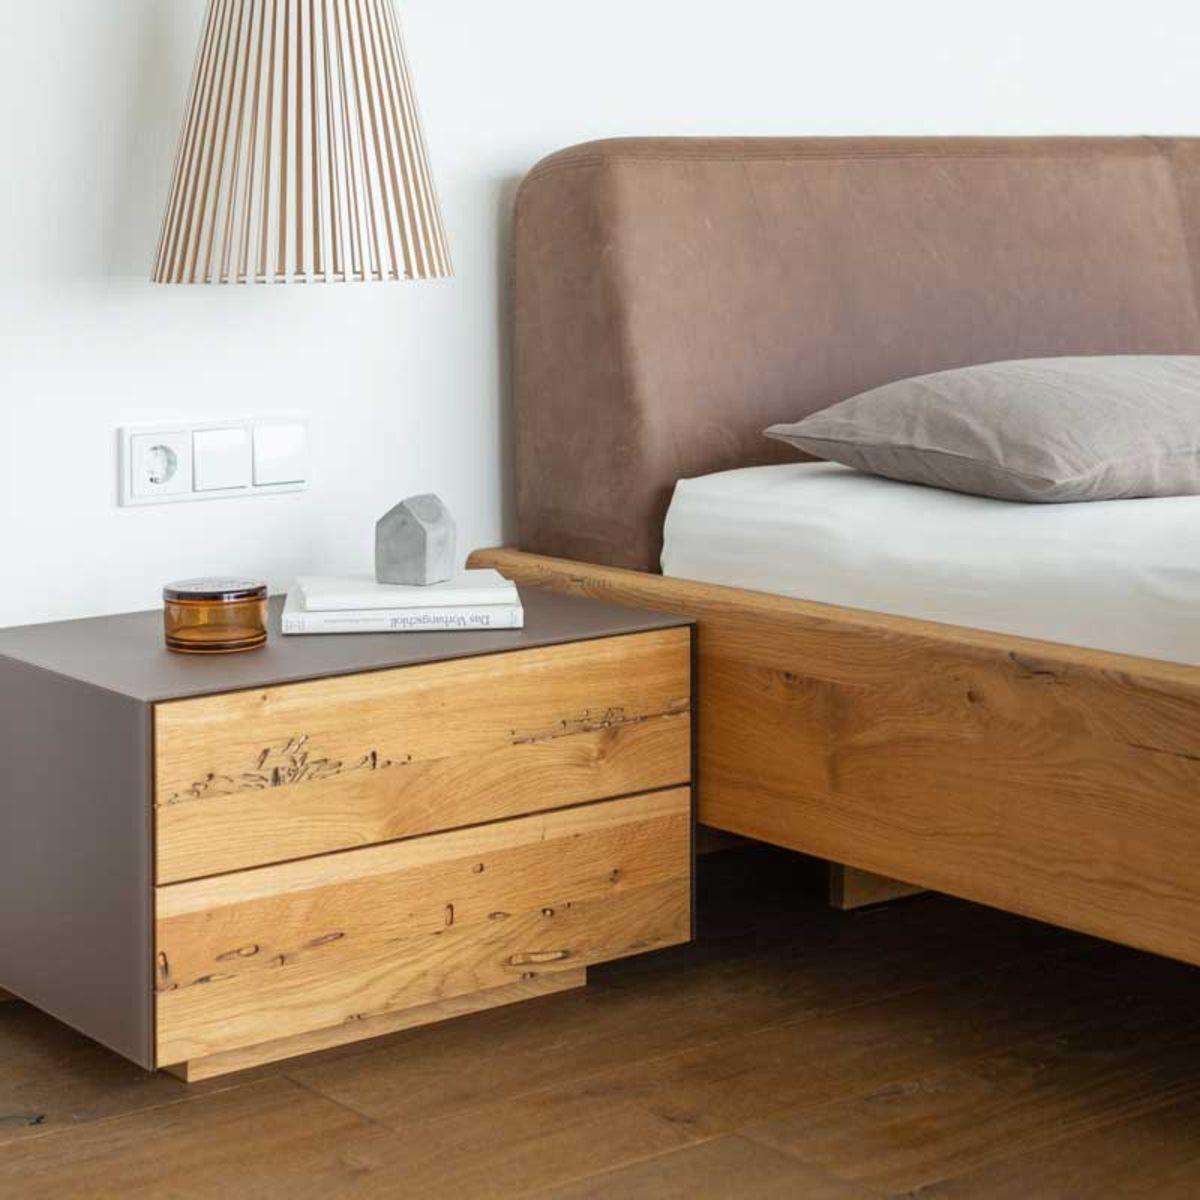 nox Bett mit cubus pure Nachtkästchen von TEAM 7 St. Johann